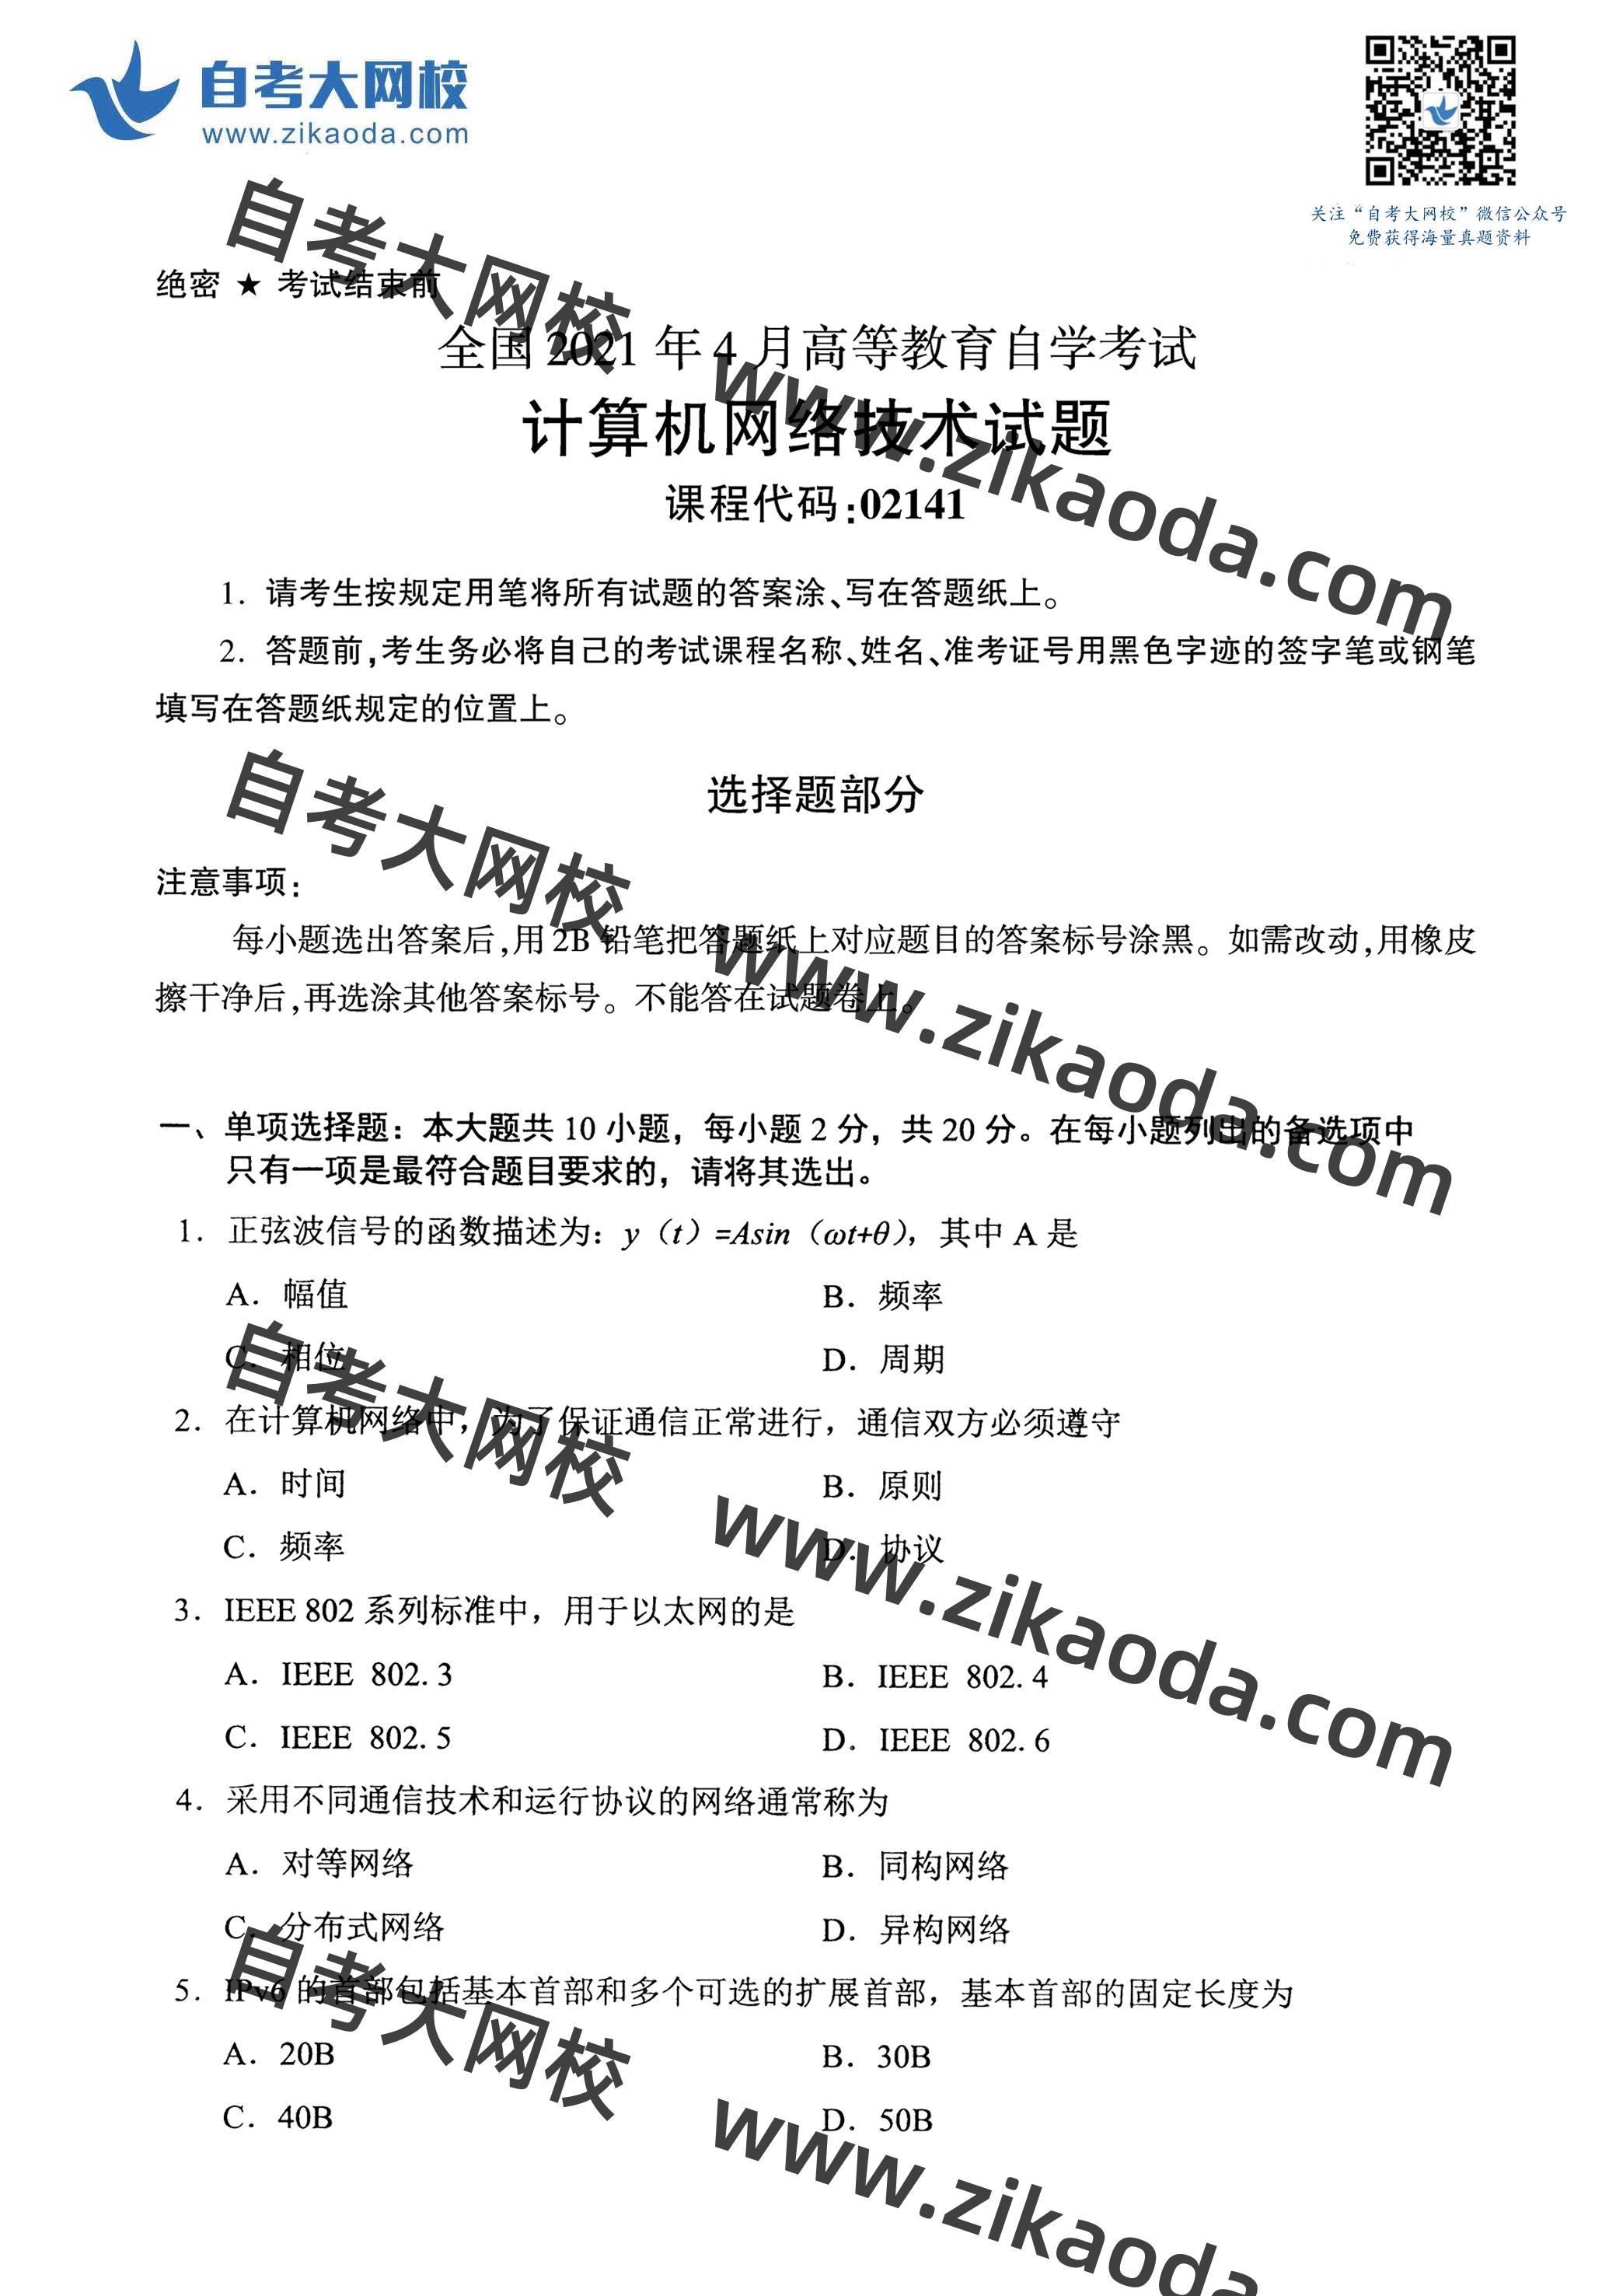 鍏ㄥ浗2021骞?鏈堣嚜鑰?2141璁$畻鏈虹綉缁滄妧鏈湡棰樿瘯鍗?1.jpg